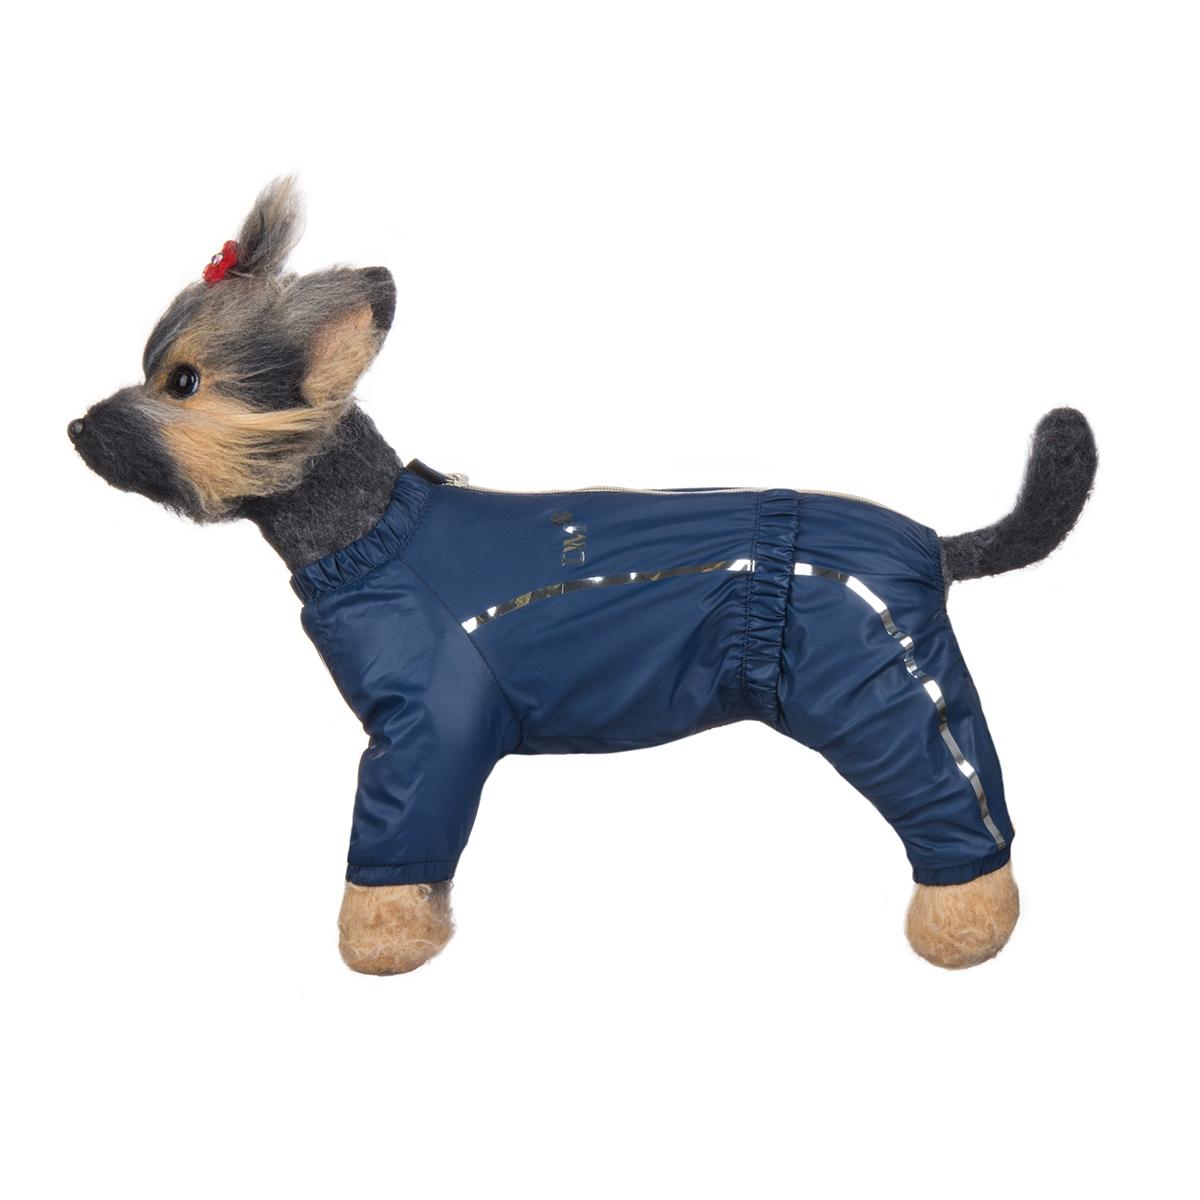 Комбинезон для собак Dogmoda Альпы, для мальчика, цвет: синий. Размер 1 (S). DM-1601030120710Комбинезон для собак Dogmoda Альпы отлично подойдет для прогулок поздней осенью или ранней весной.Комбинезон изготовлен из полиэстера, защищающего от ветра и осадков, с подкладкой из вискозы и полиэстера, которая сохранит тепло и обеспечит отличный воздухообмен.Комбинезон застегивается на молнию и липучку, благодаря чему его легко надевать и снимать. Ворот, низ рукавов и брючин оснащены внутренними резинками, которые мягко обхватывают шею и лапки, не позволяя просачиваться холодному воздуху. На пояснице имеется внутренняя резинка. Изделие декорировано золотистыми полосками и надписью DM.Благодаря такому комбинезону простуда не грозит вашему питомцу и он не даст любимцу продрогнуть на прогулке.Длина по спинке: 20 см.Объем груди: 33 см.Обхват шеи: 21 см.